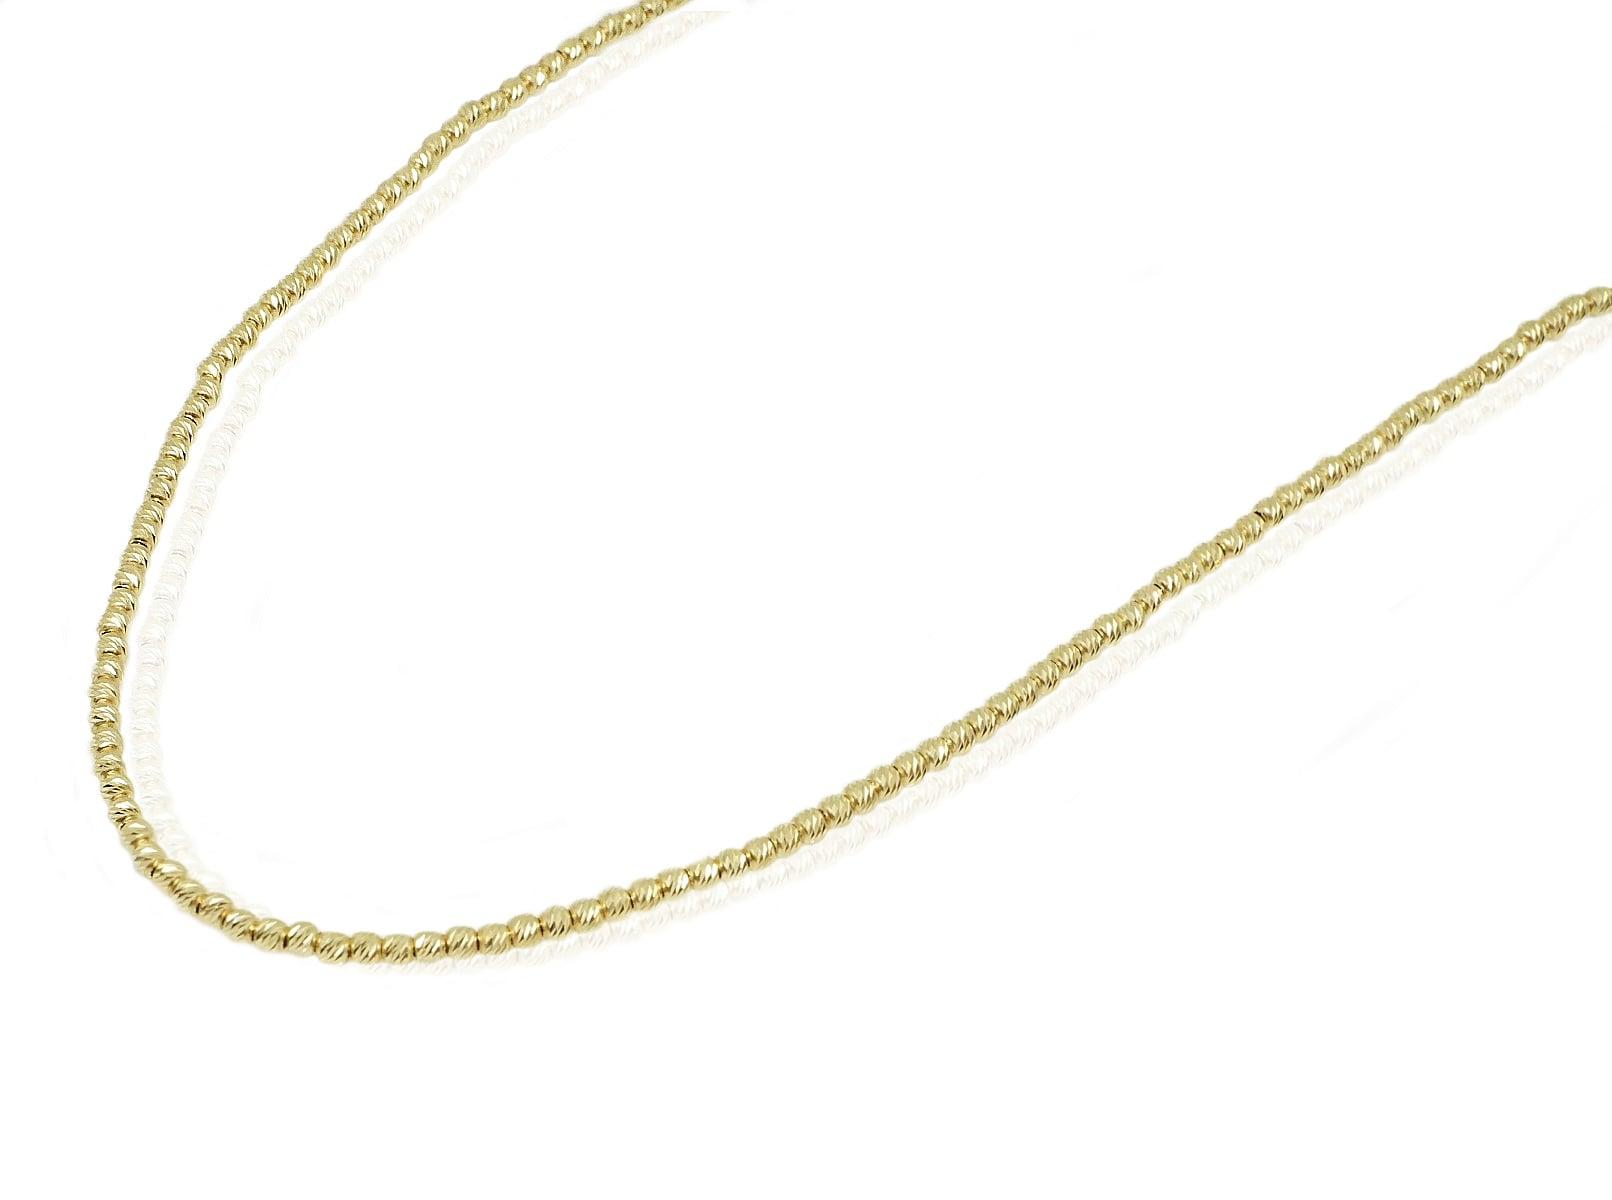 שרשרת כדורים זהב |שרשרת זהב כדורים לאישה